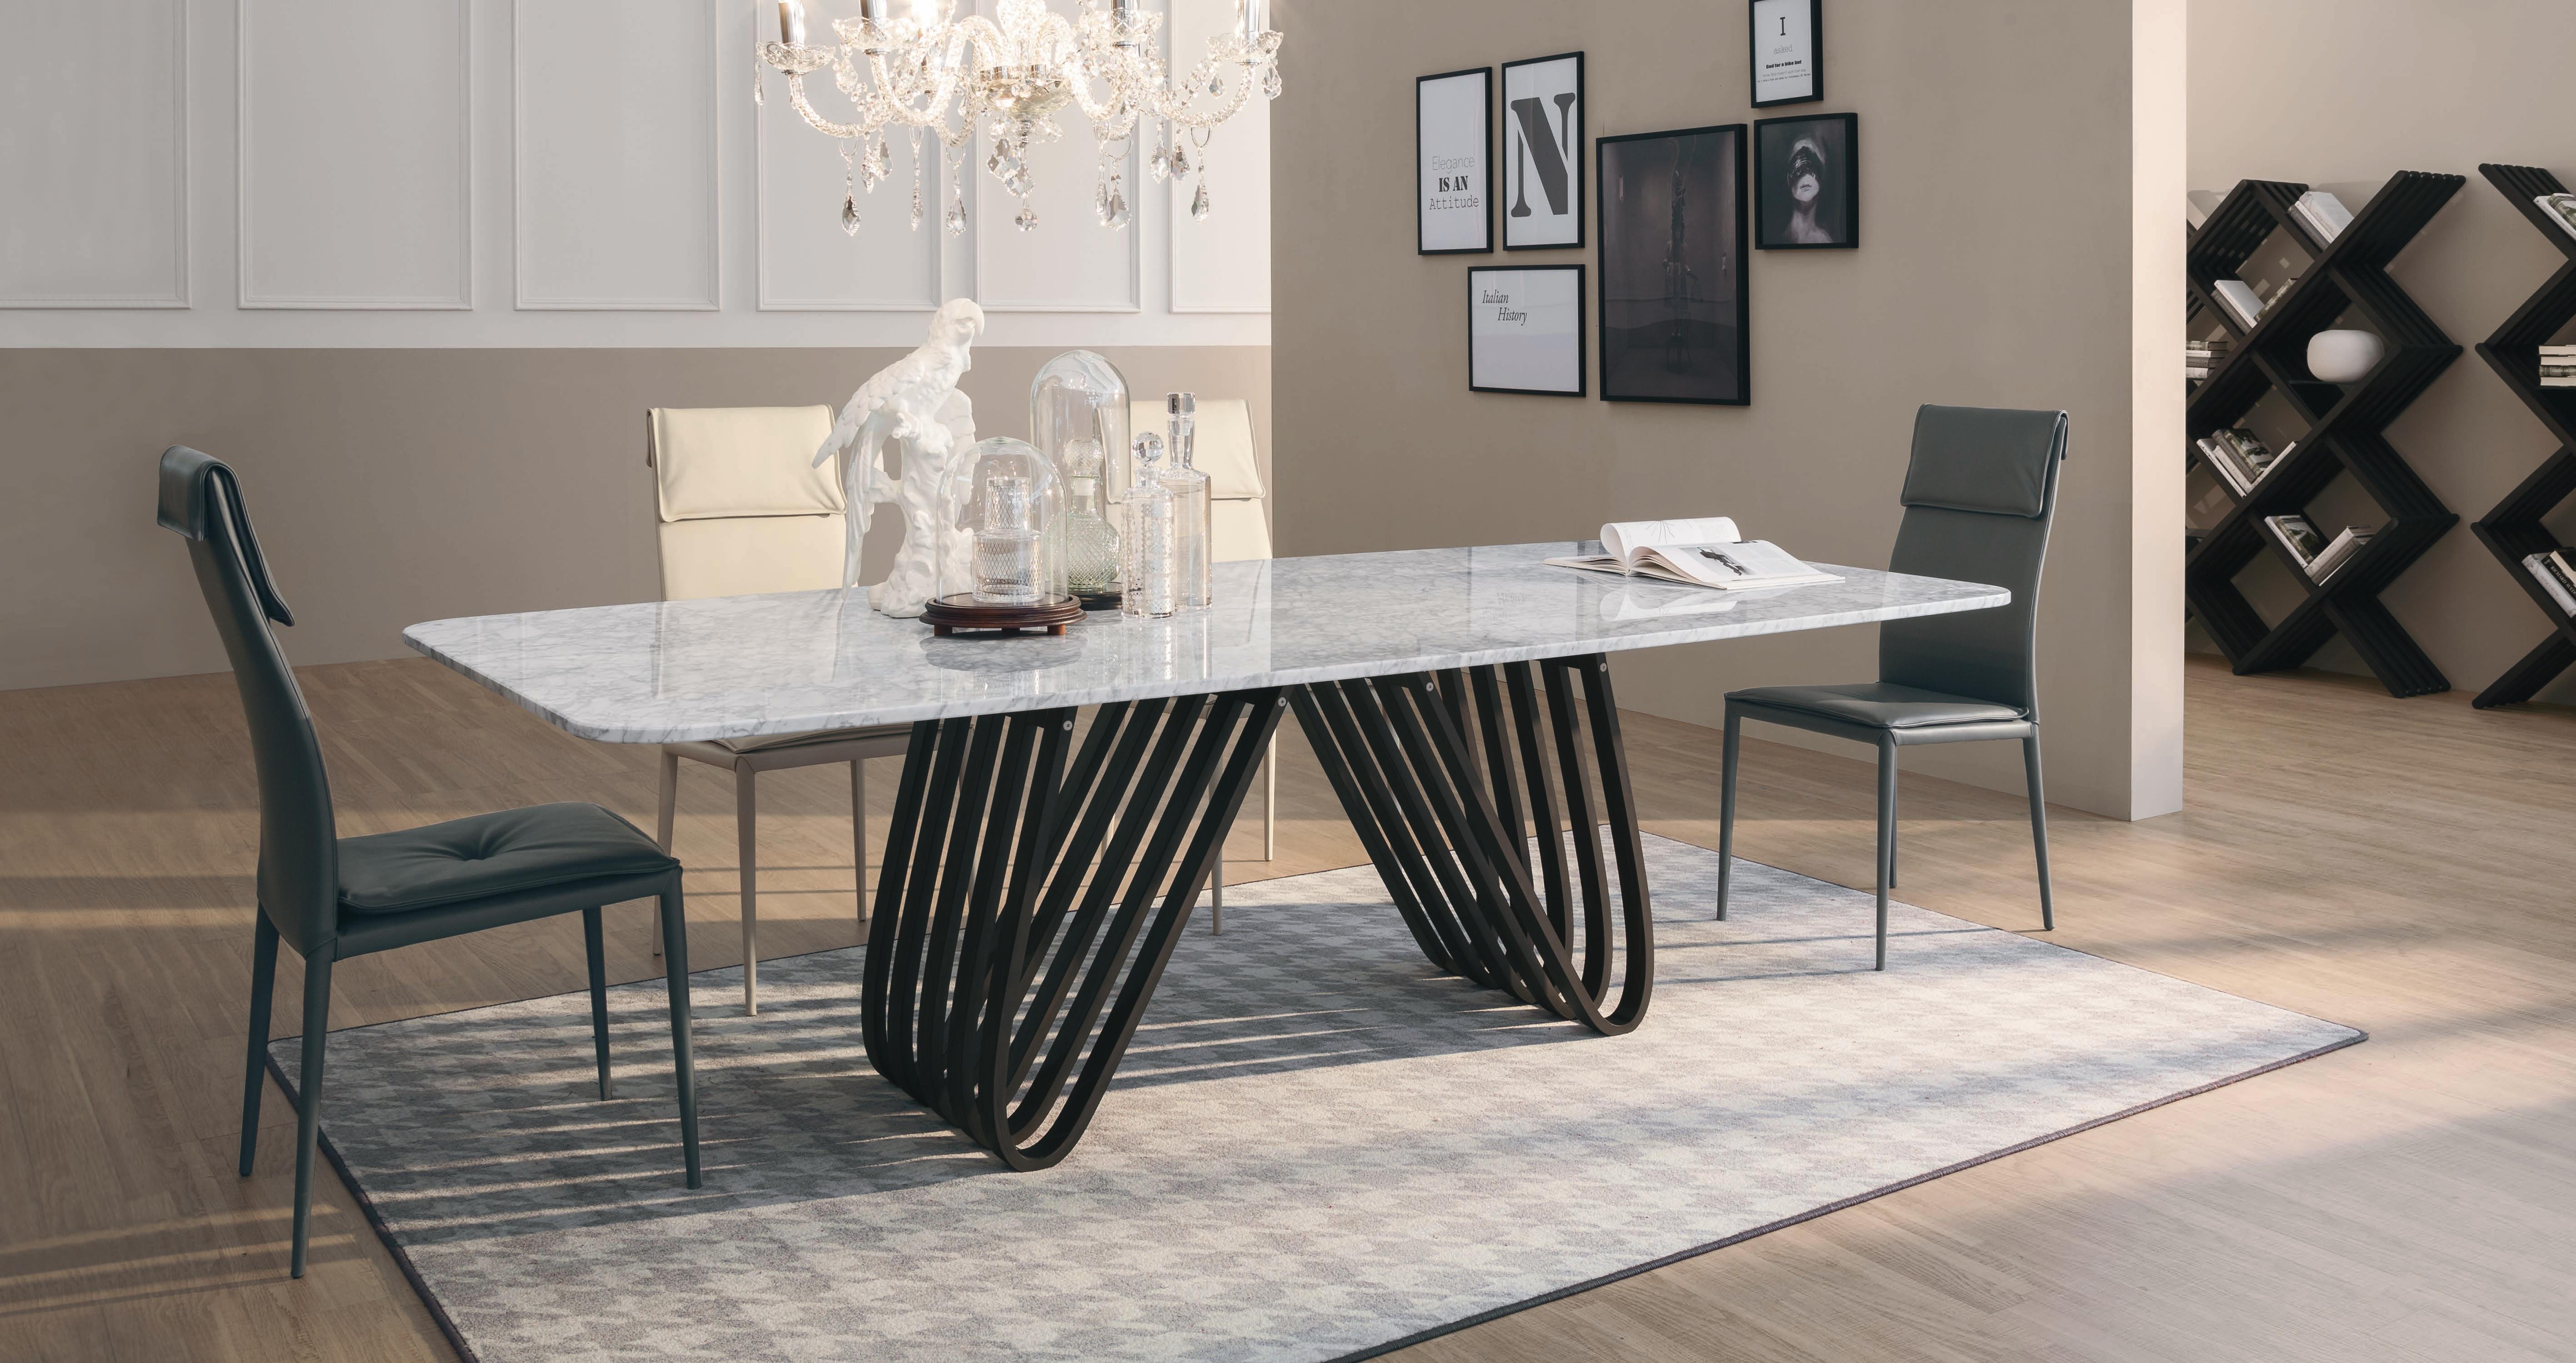 tavolo con il piano in marmo bianco modello arpa della. Black Bedroom Furniture Sets. Home Design Ideas